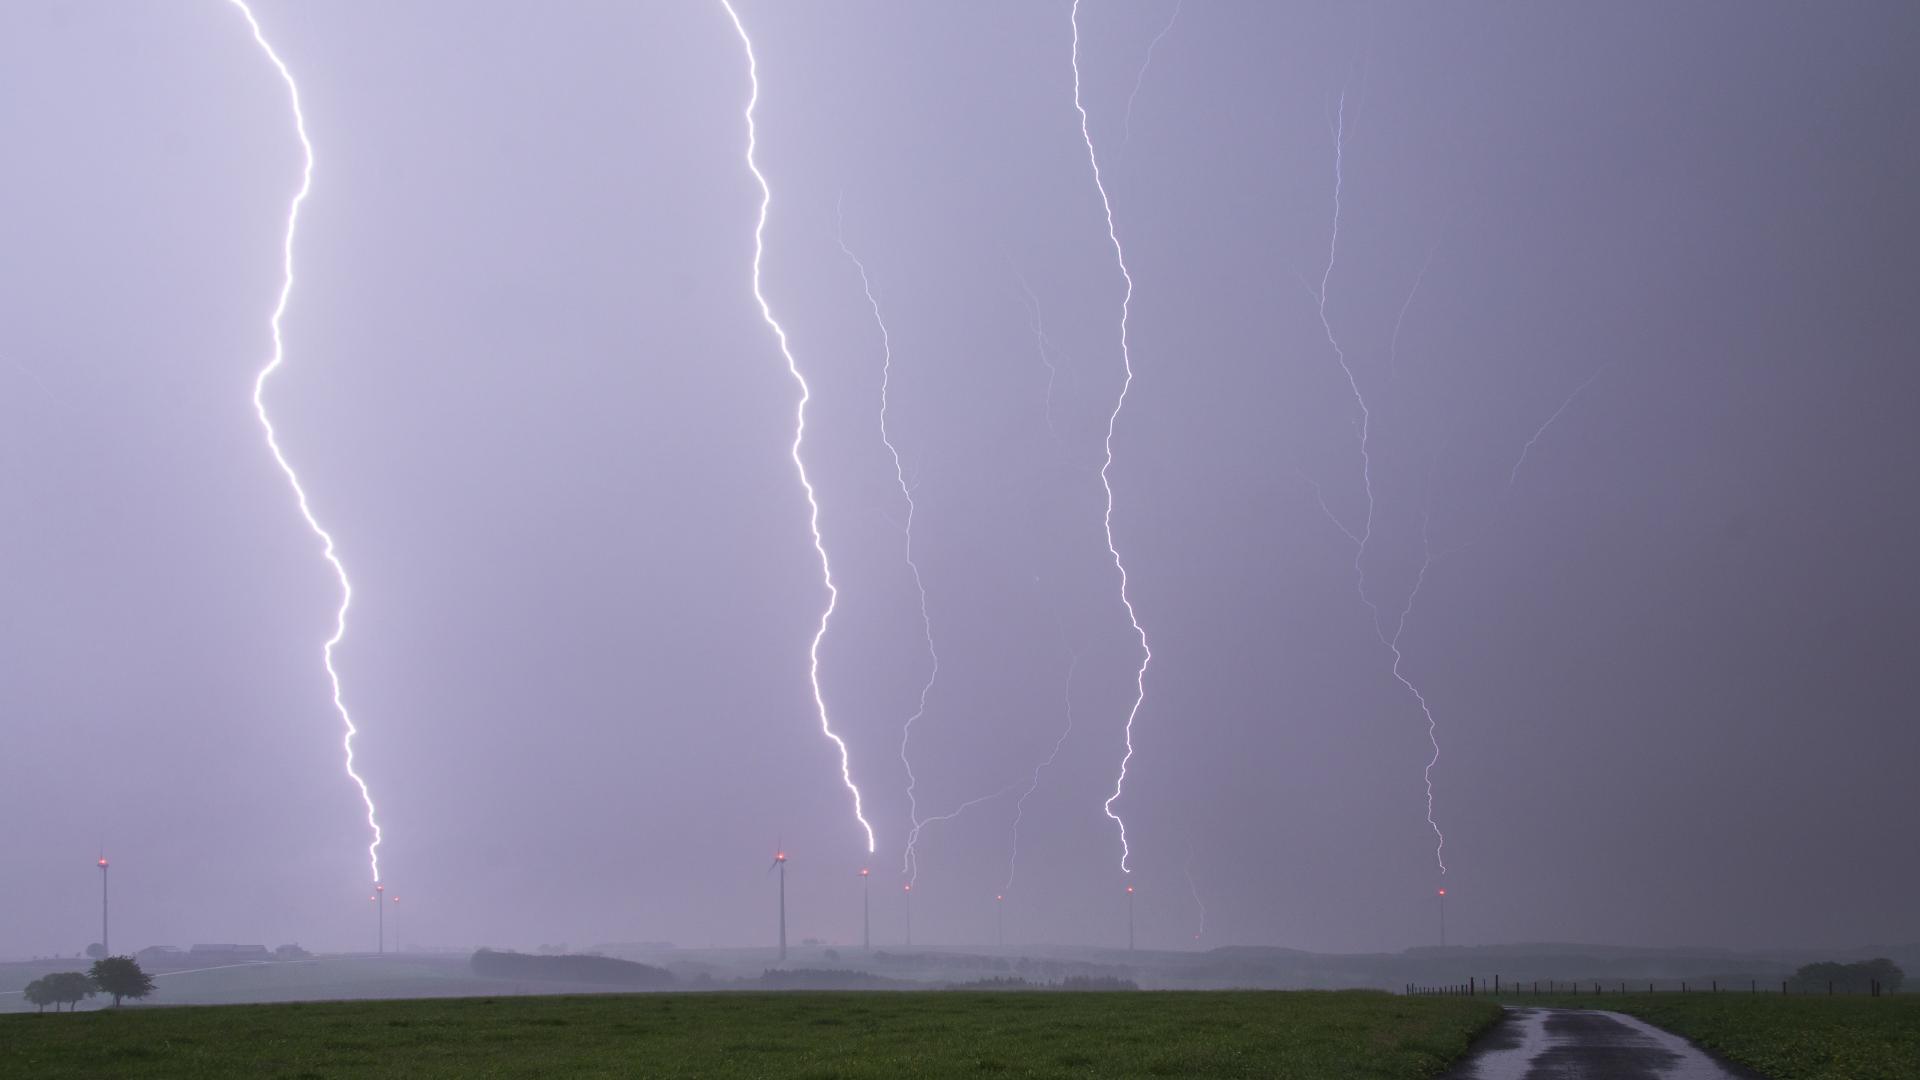 Instants d'orages – Coups de foudre simultanés sur des éoliennes